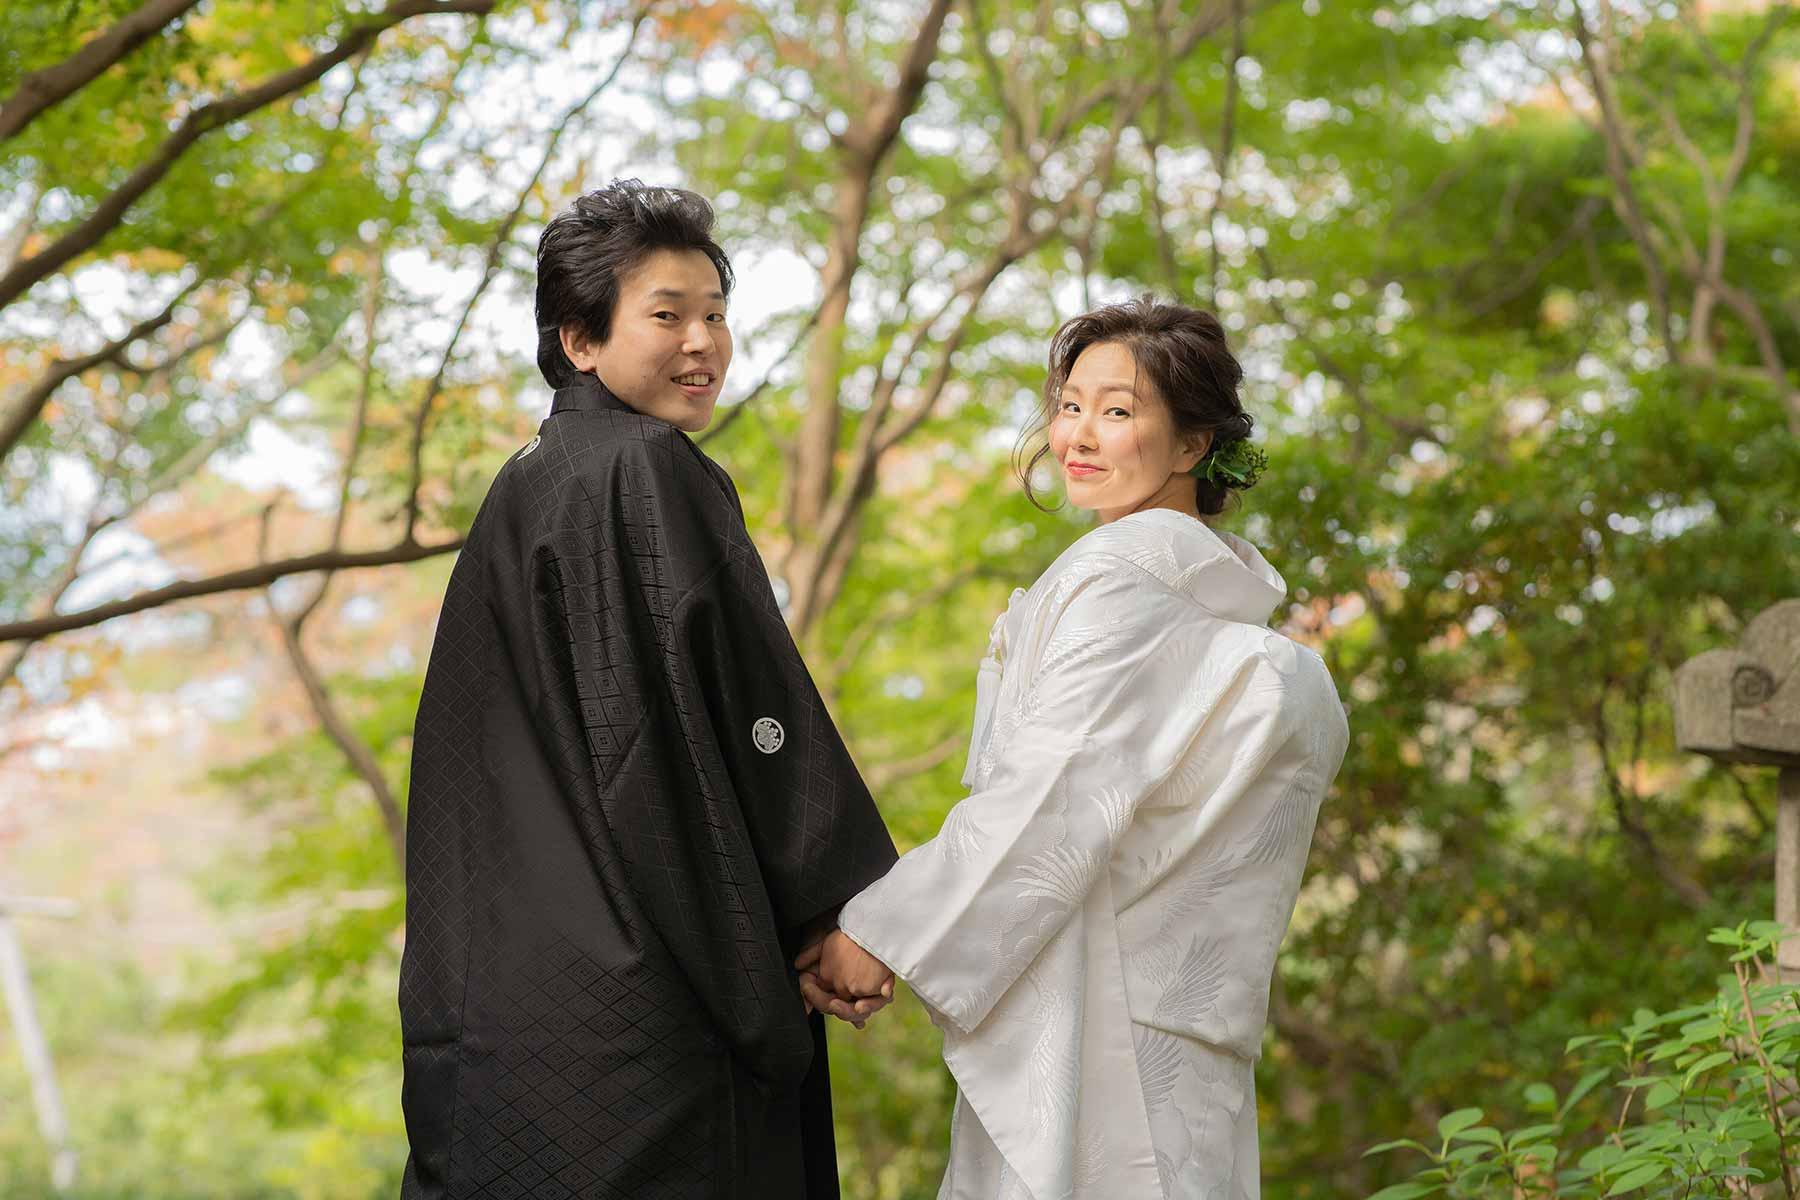 白無垢と羽織袴姿で手をつなぐ新郎新婦様